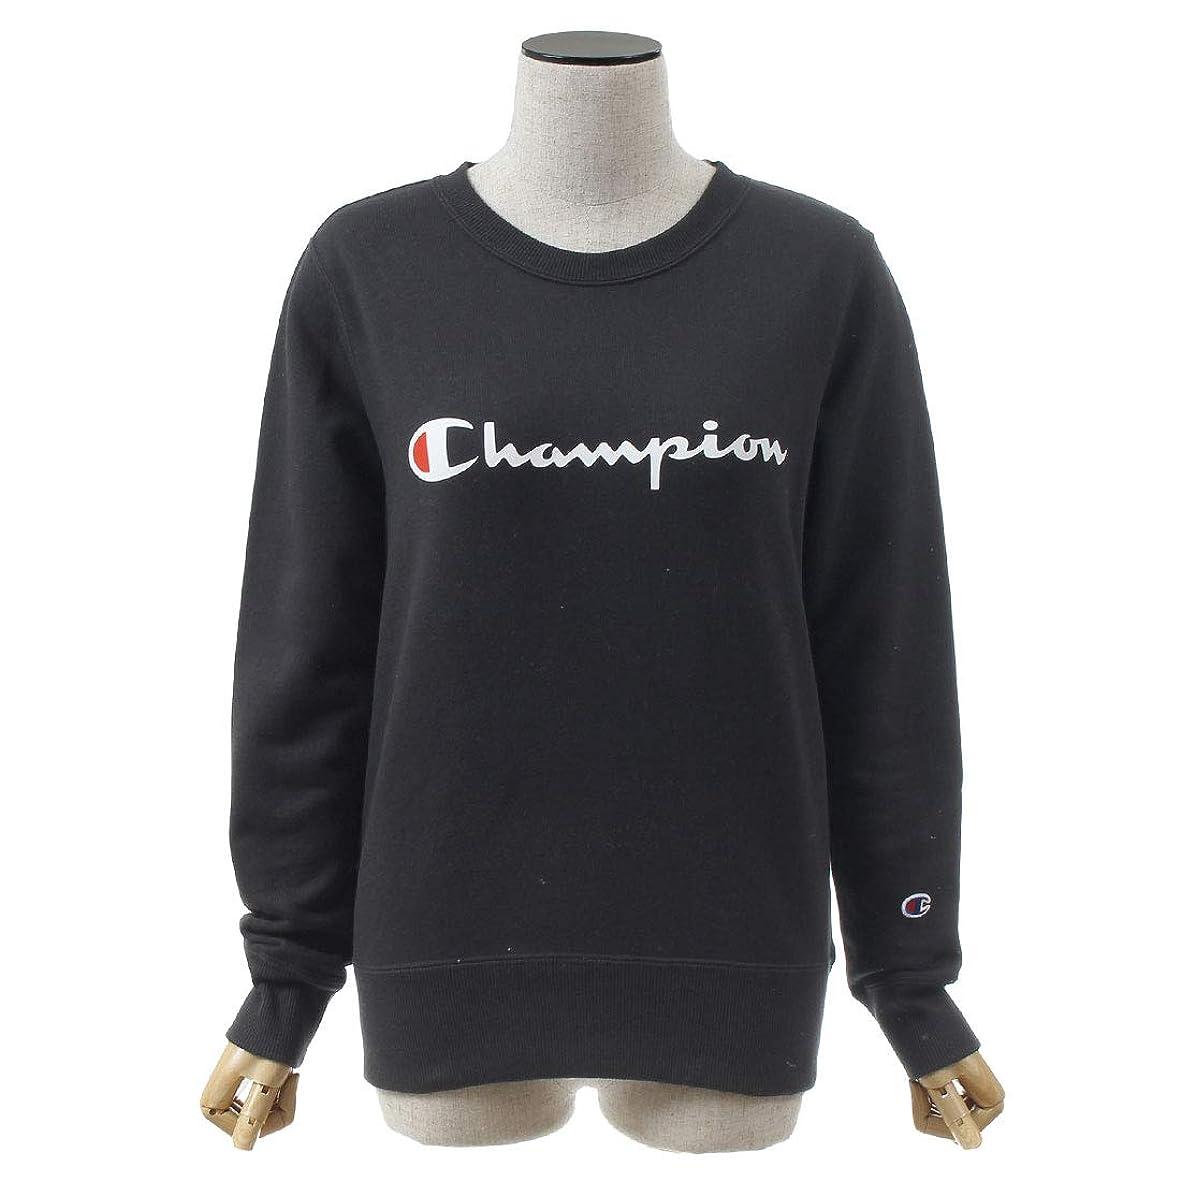 アブストラクトミュウミュウ滑りやすい[チャンピオン] スエット クルー ネックス ウェット セーター CW-N015 レディース